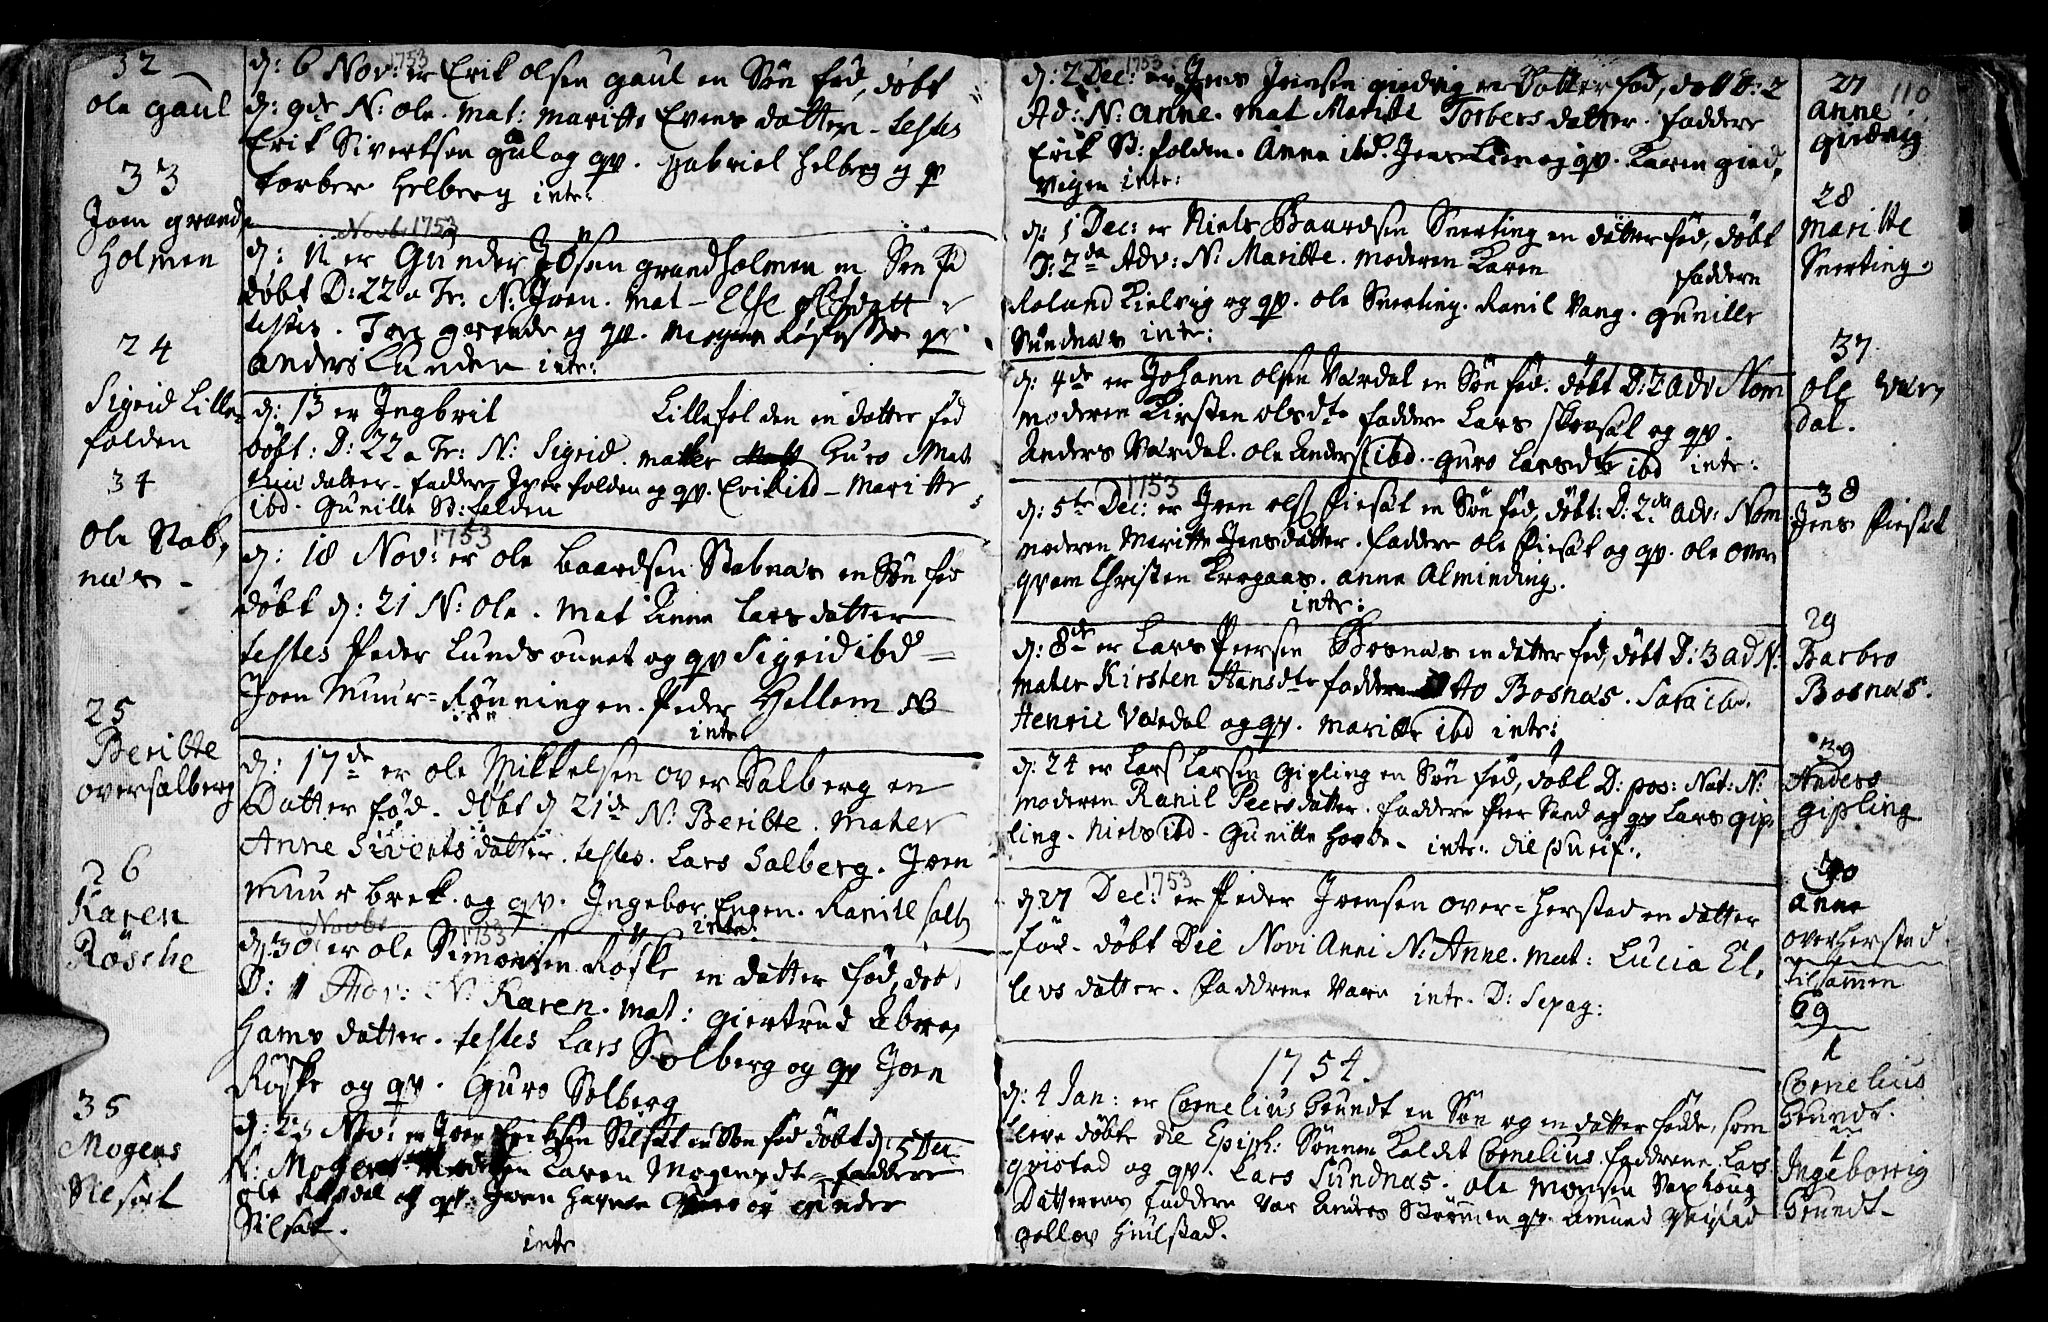 SAT, Ministerialprotokoller, klokkerbøker og fødselsregistre - Nord-Trøndelag, 730/L0272: Ministerialbok nr. 730A01, 1733-1764, s. 110